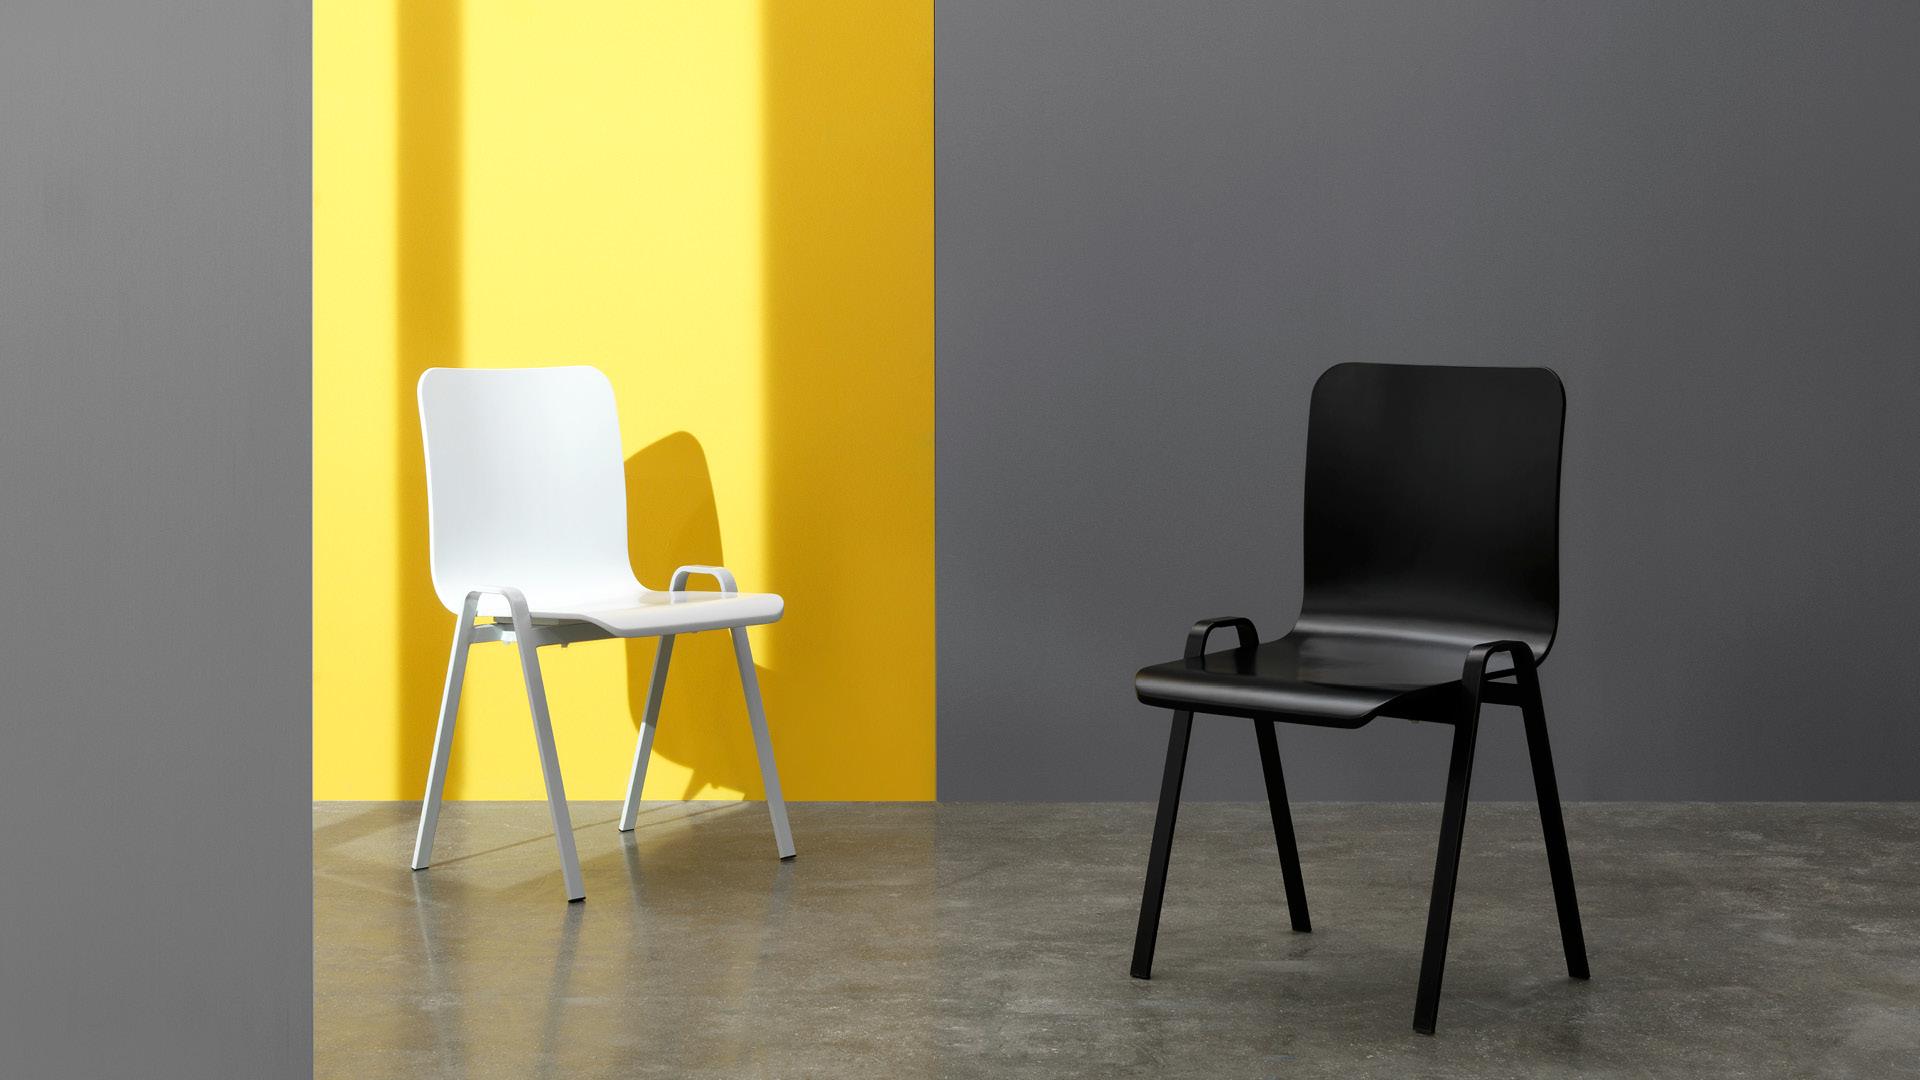 摒除多余繁冗的极简设计,最高效的材质运用,美感与实用兼得的工艺细节处理,从这把椅子开始,升级你的工作状态吧。